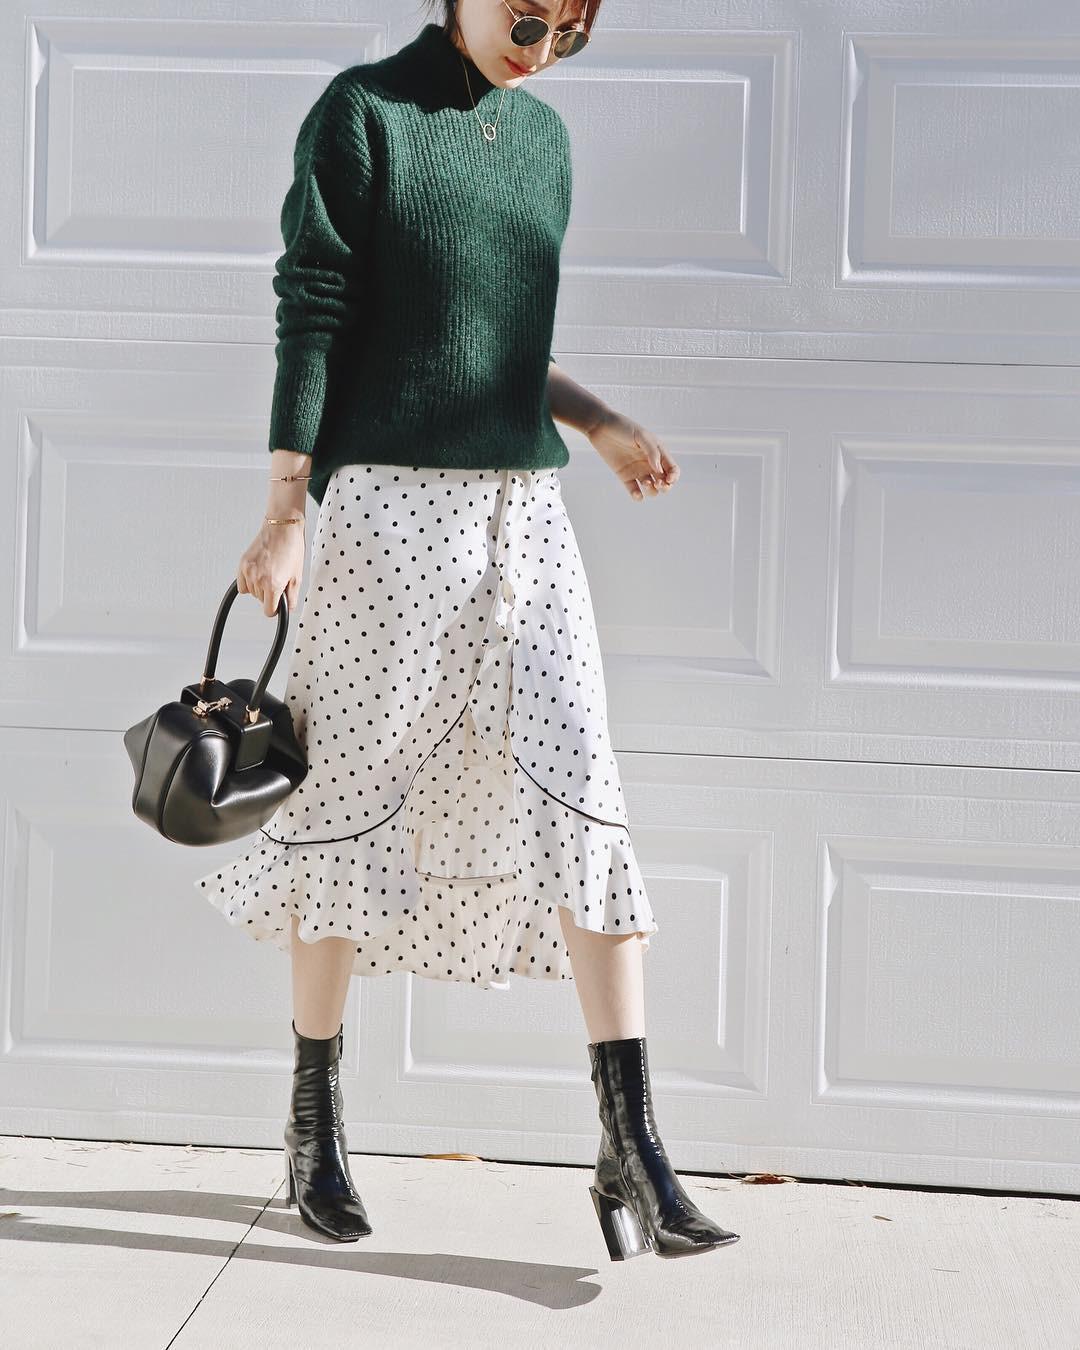 Đơn giản là áo len + chân váy thôi nhưng có đến 4 cách mix&match xinh mê hồn để bạn thỏa sức diện đông này - Ảnh 1